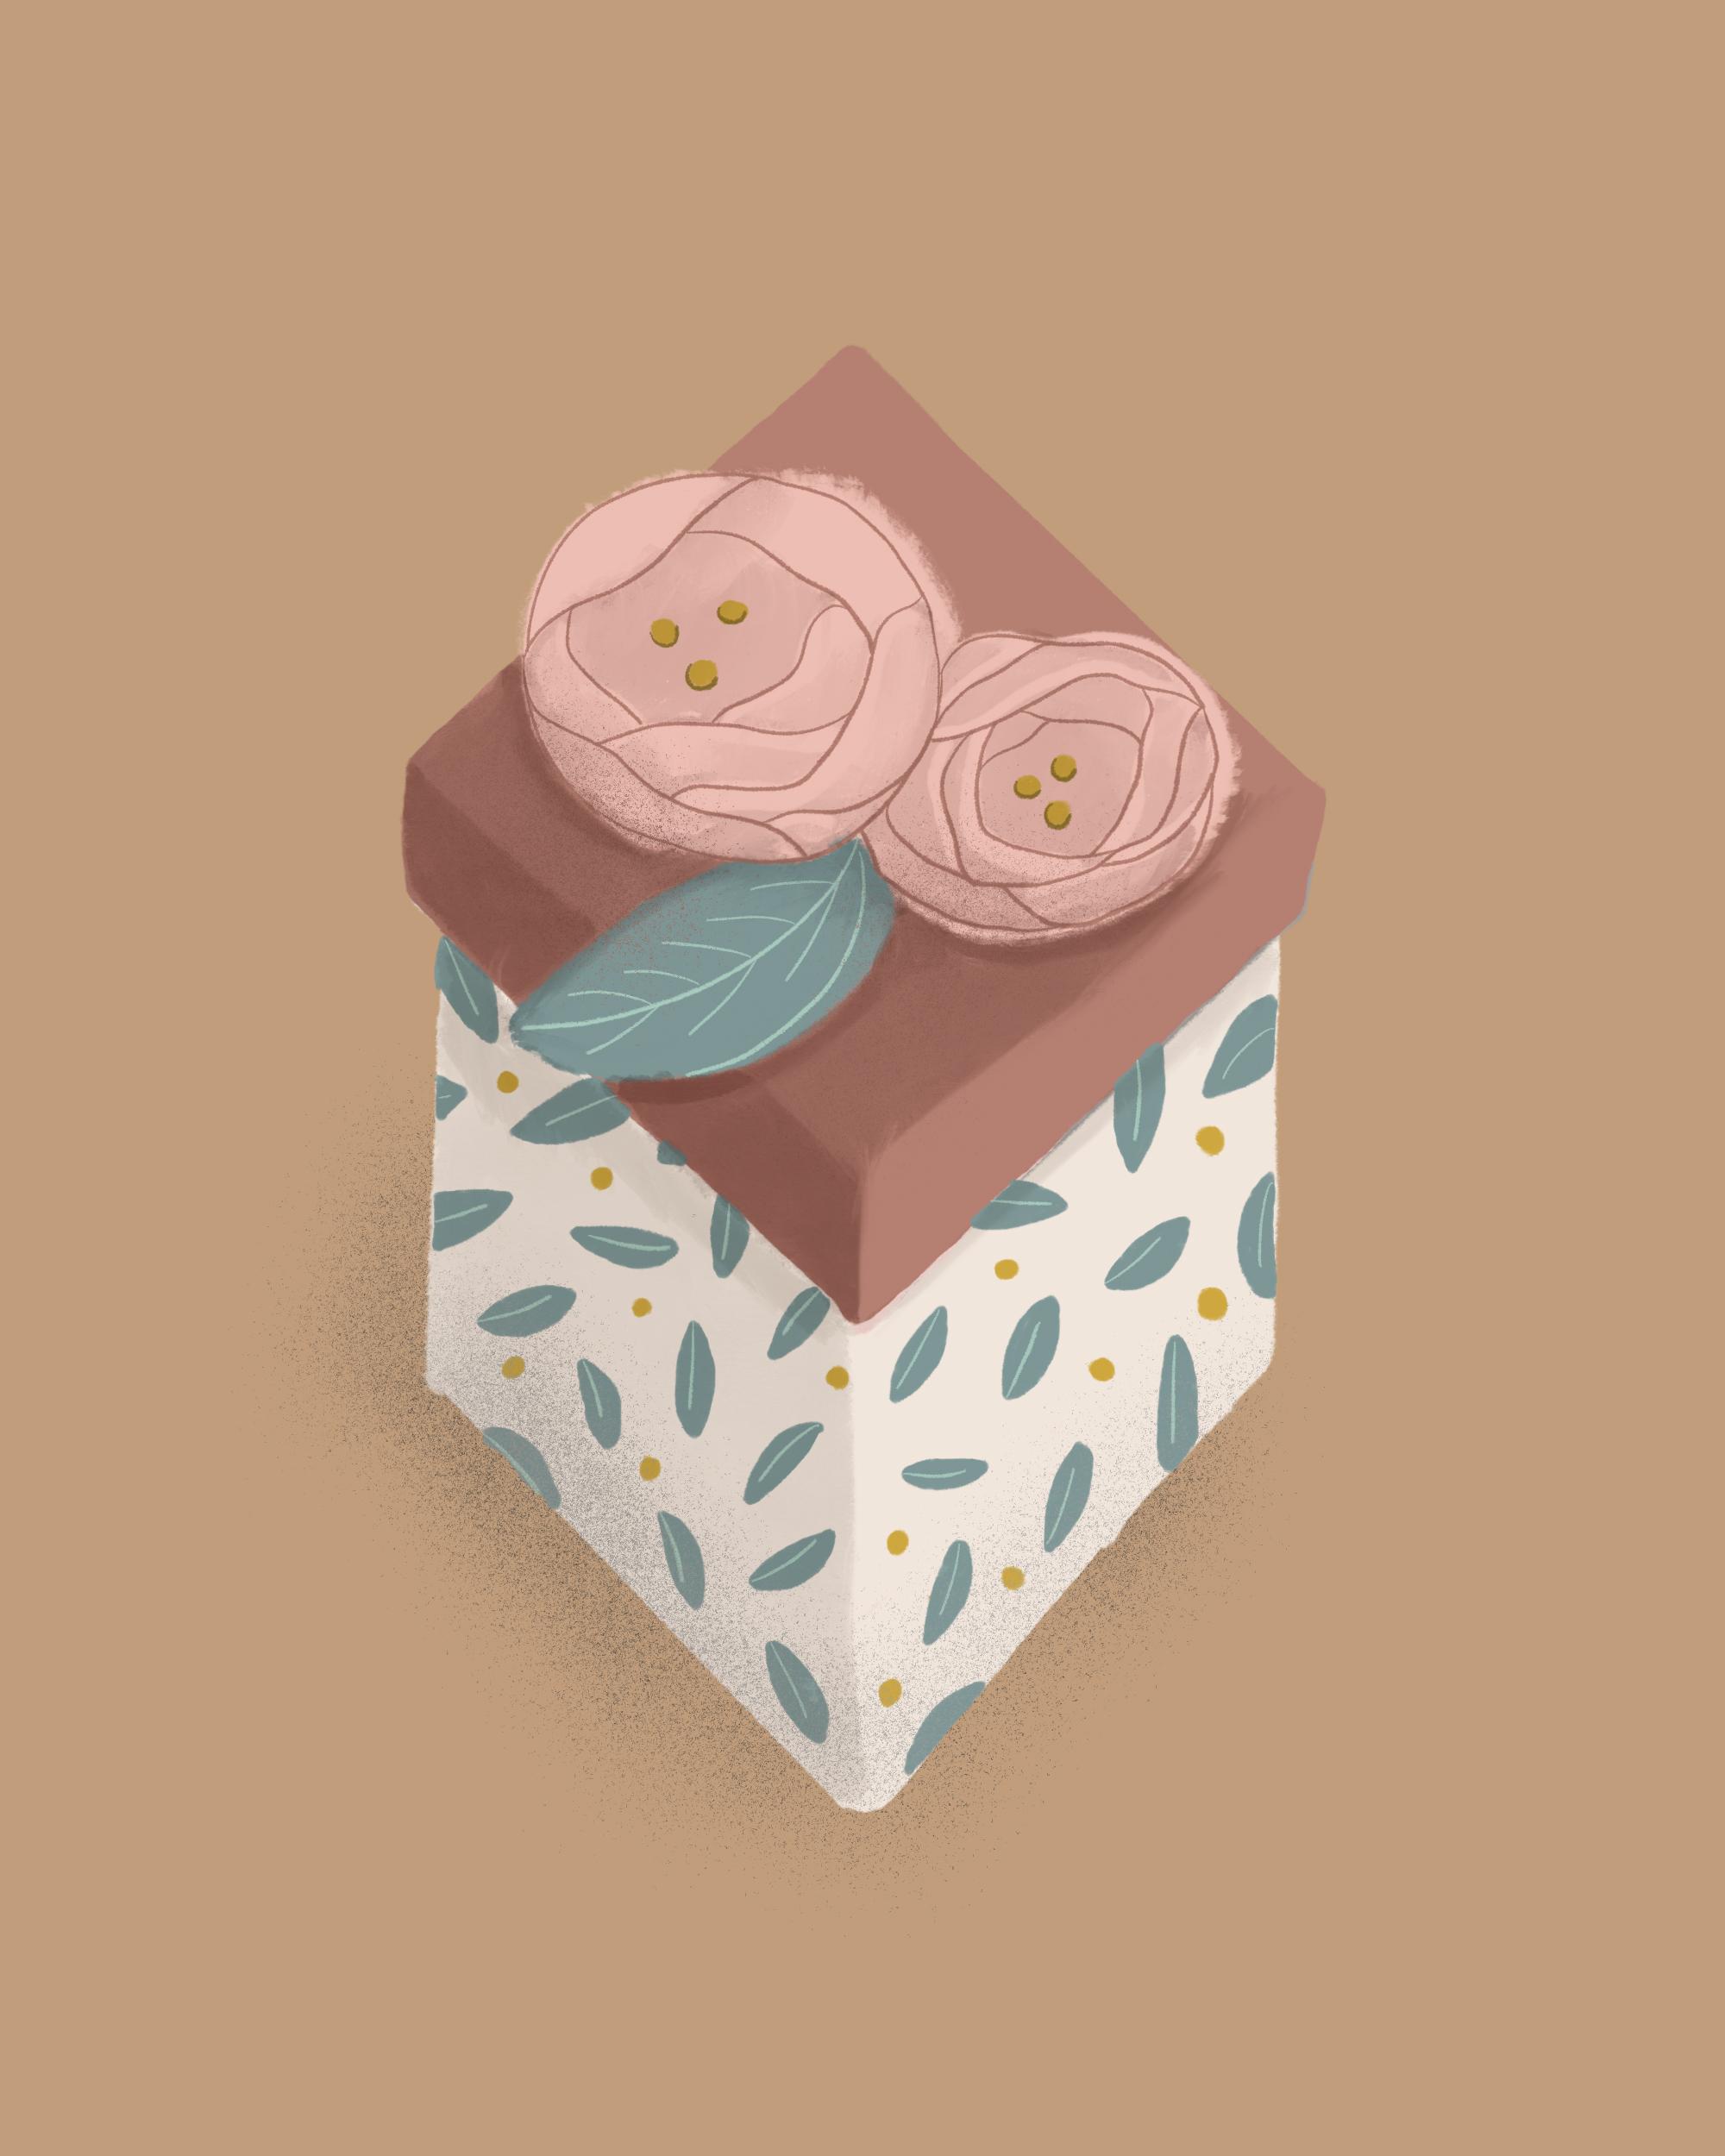 Groomsmen Gift Guide, Illustrated Gift Box